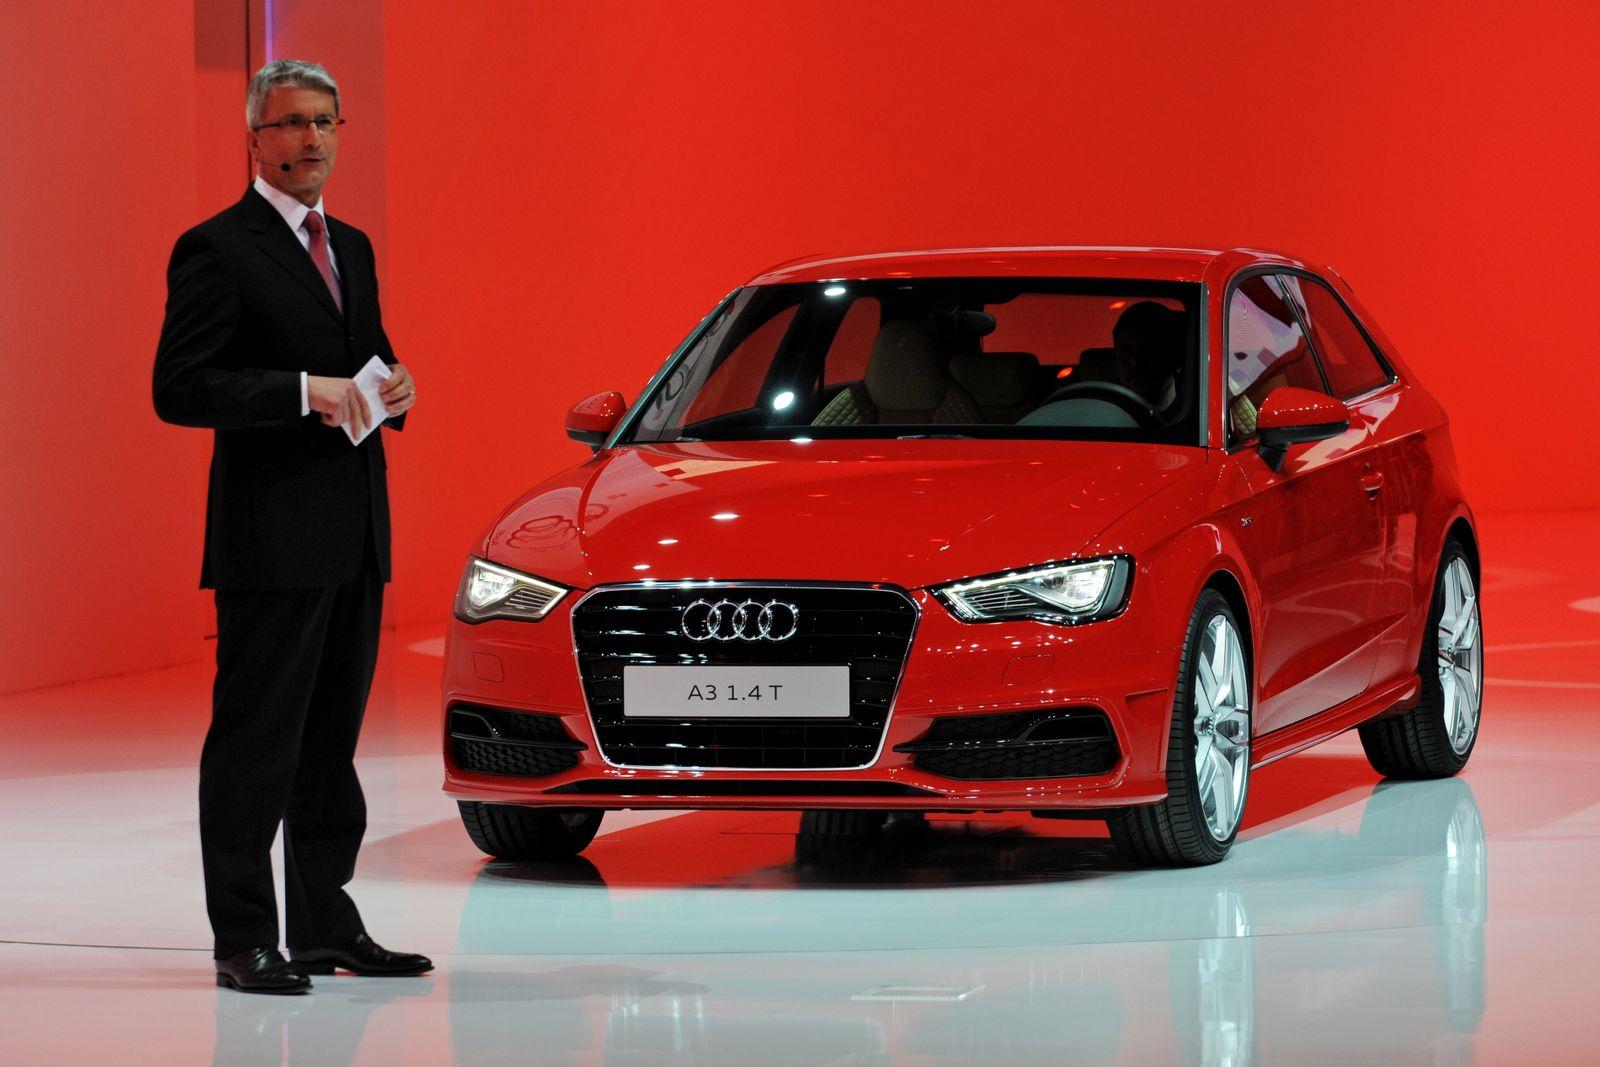 NICHT VERWENDEN Genf / Audi / A3